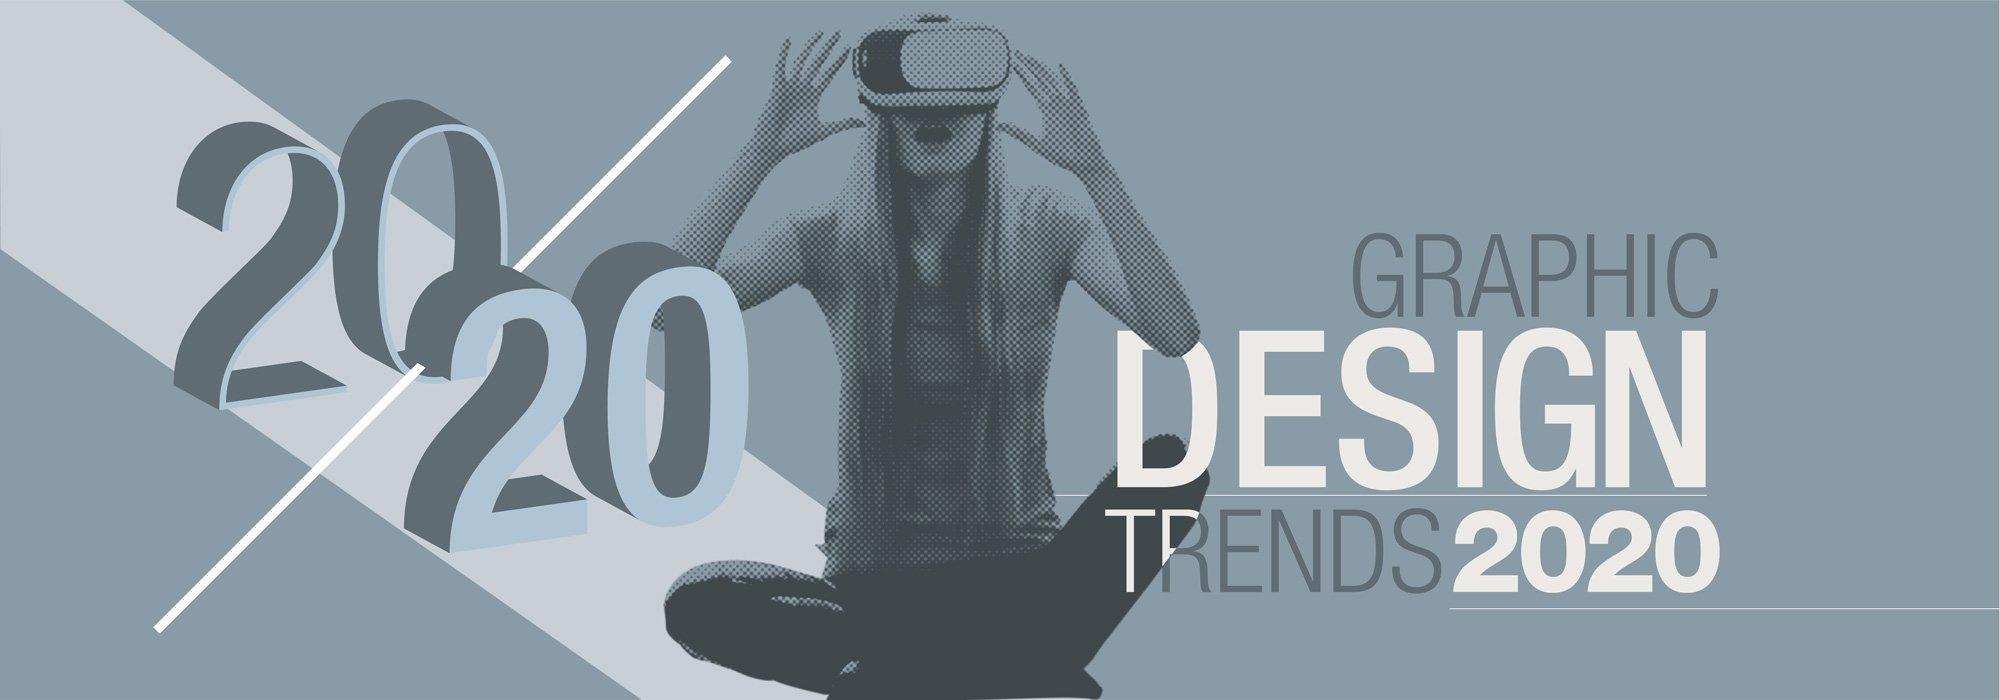 I trend del Digital e Graphic Design 2020: <br> il surreale che prende vita